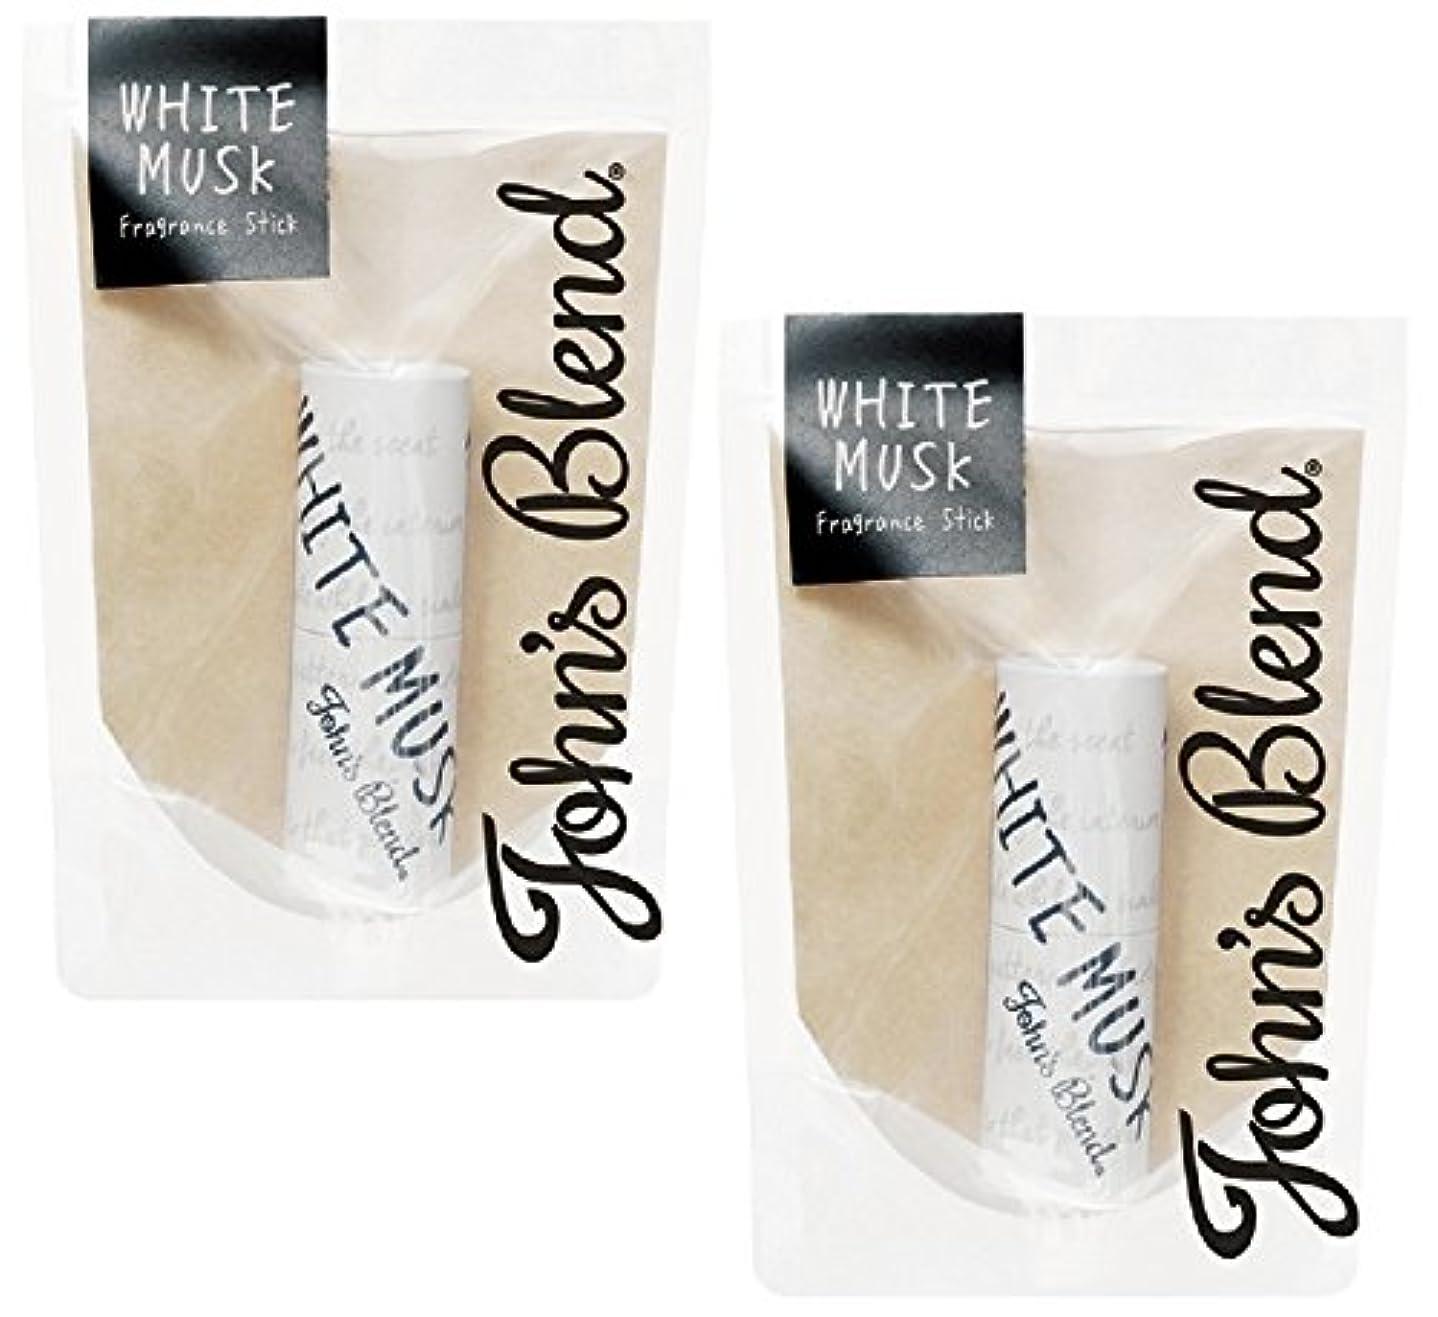 適切に羊飼い相互【2個セット】Johns Blend 練り香水 フレグランス スティック ホワイトムスク の香り OZ-JOD-3-1